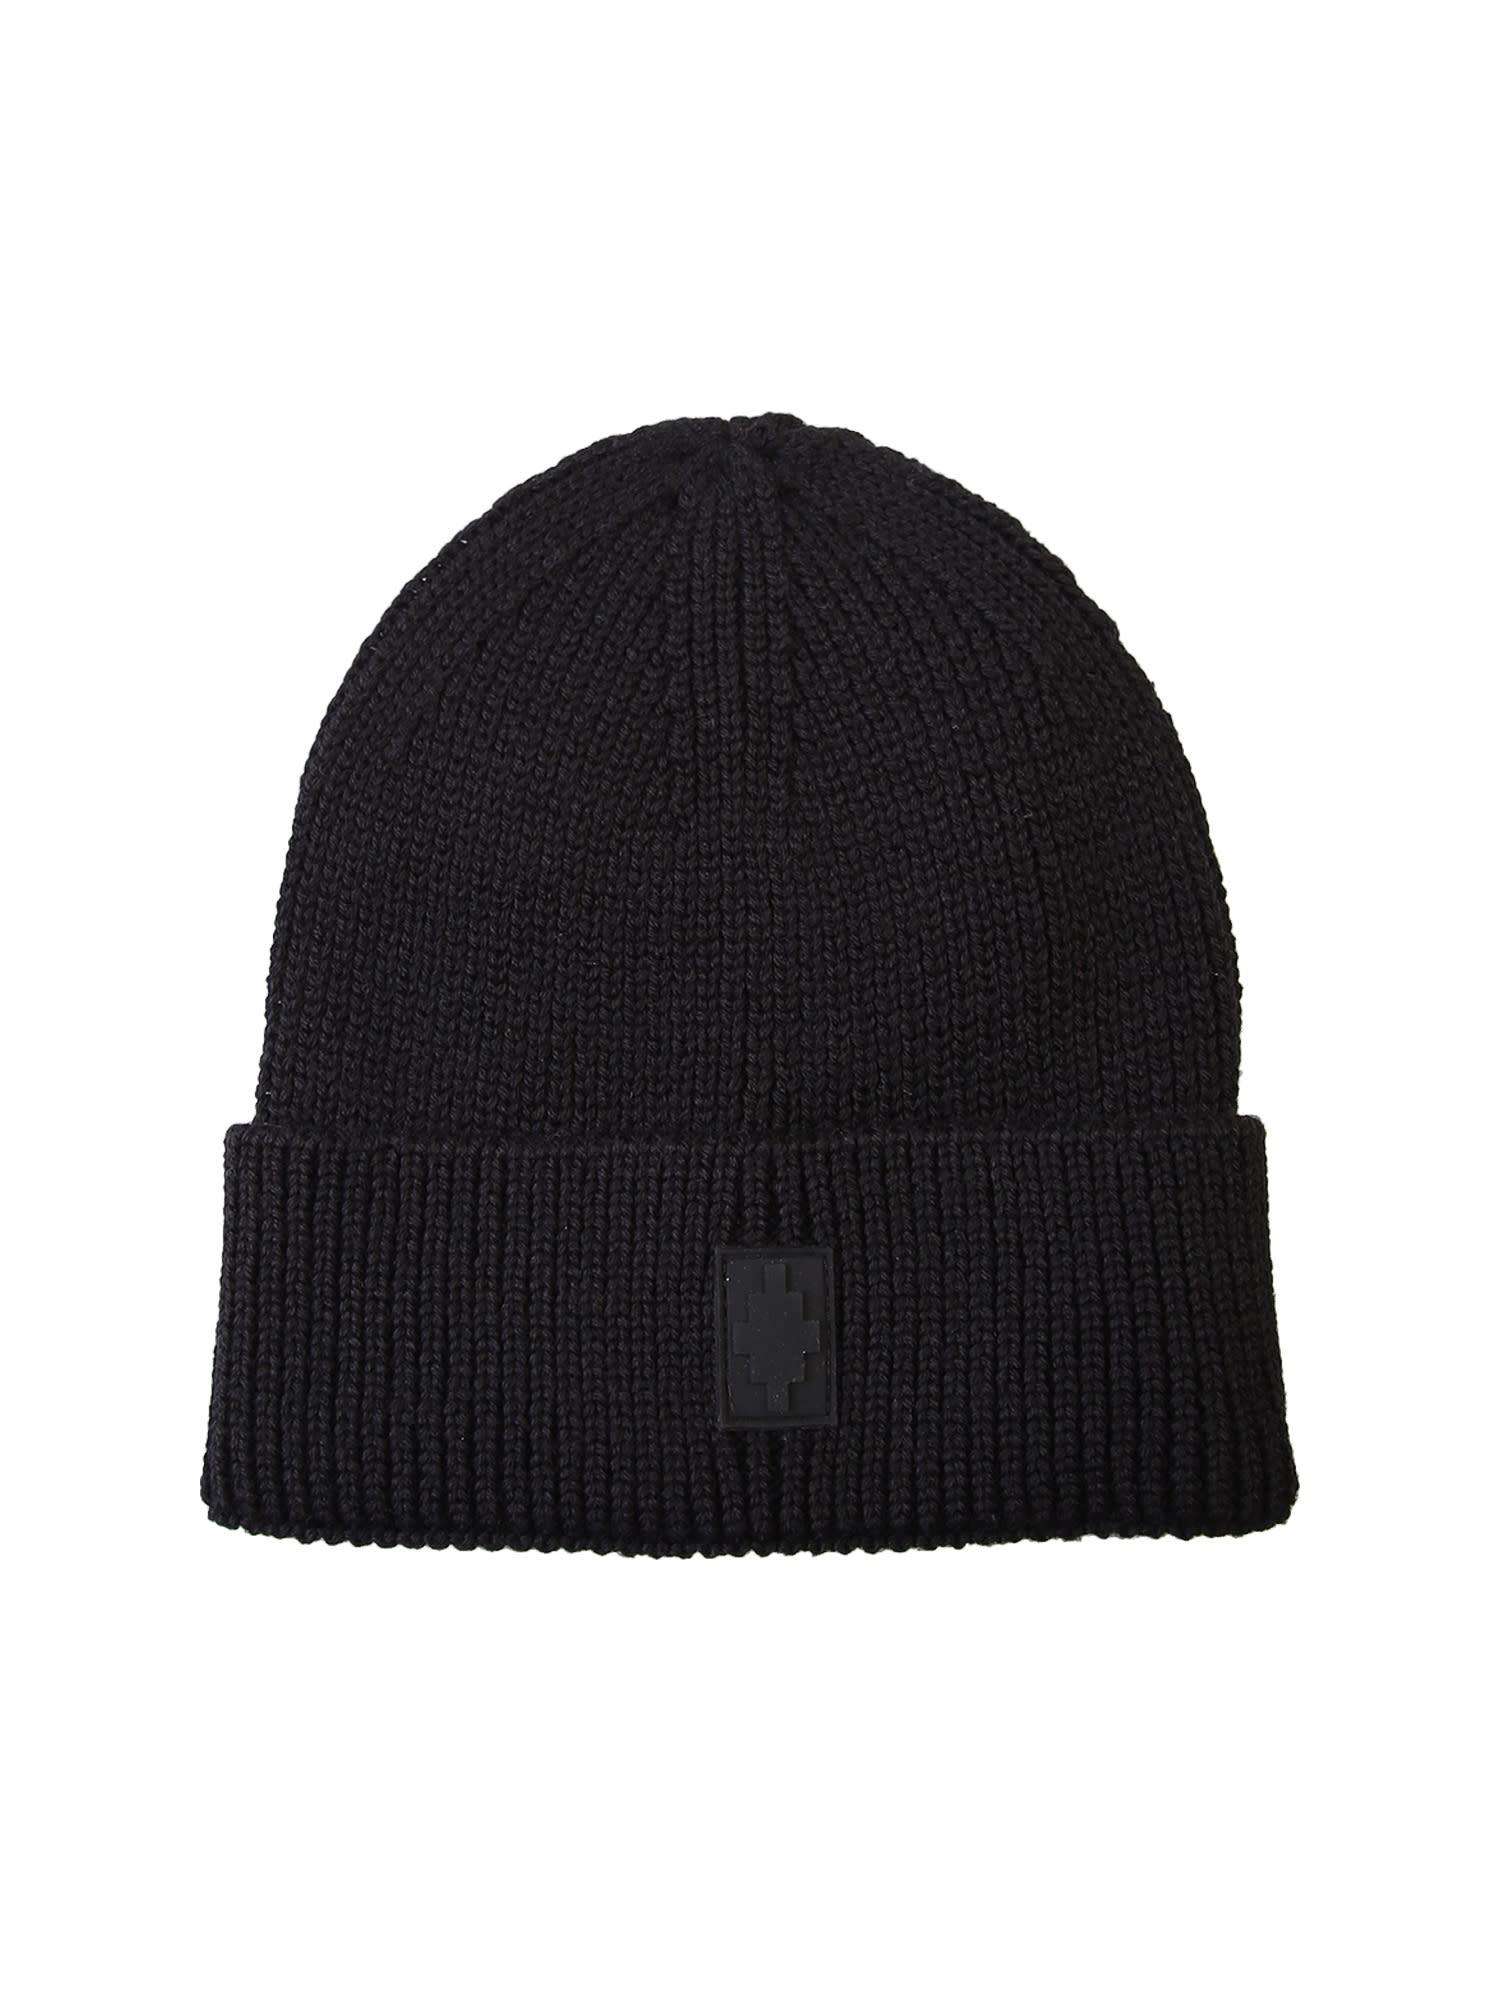 Marcelo Burlon Branded Beanie Hat